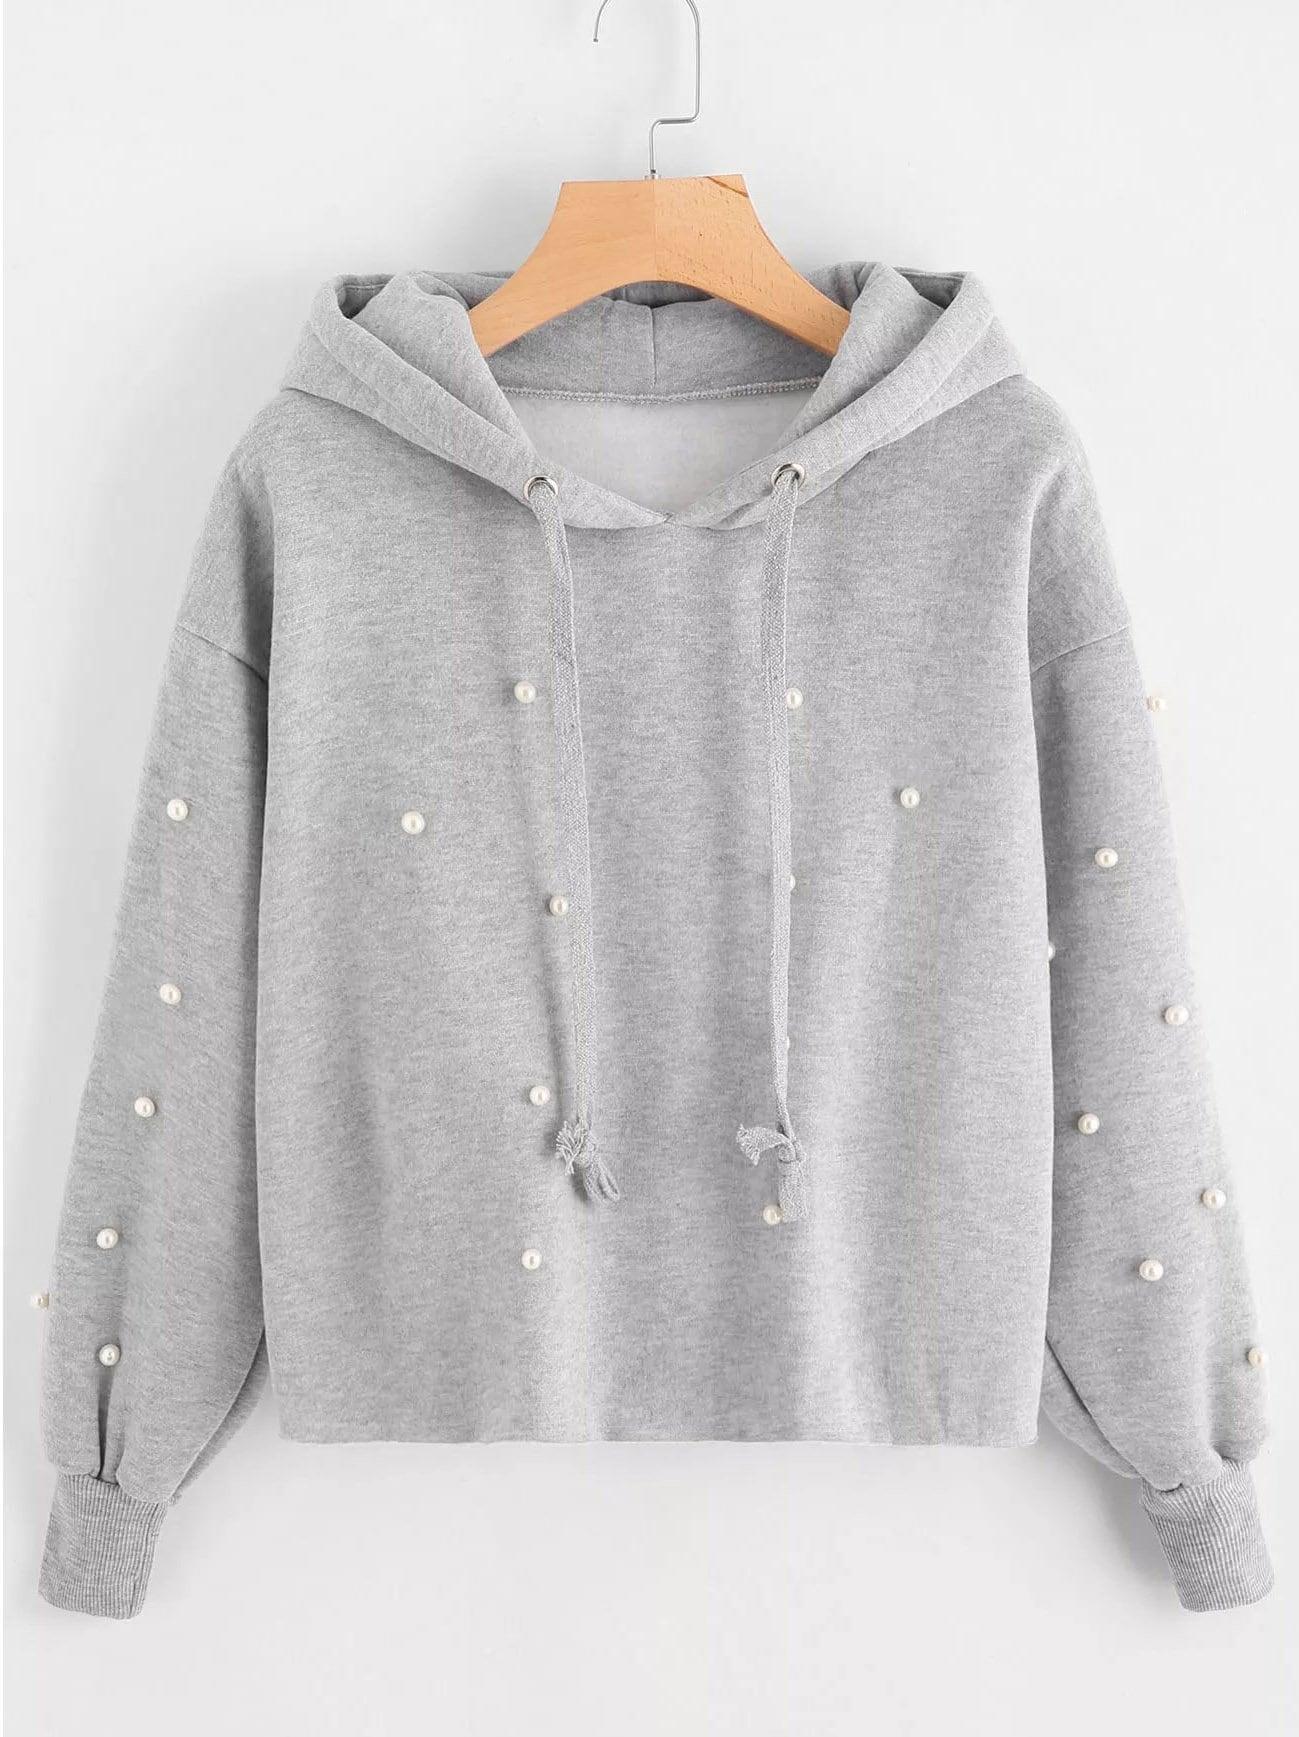 Купить Большой пуловер с капюшоном и с украшением искусственных жемчугов, null, SheIn